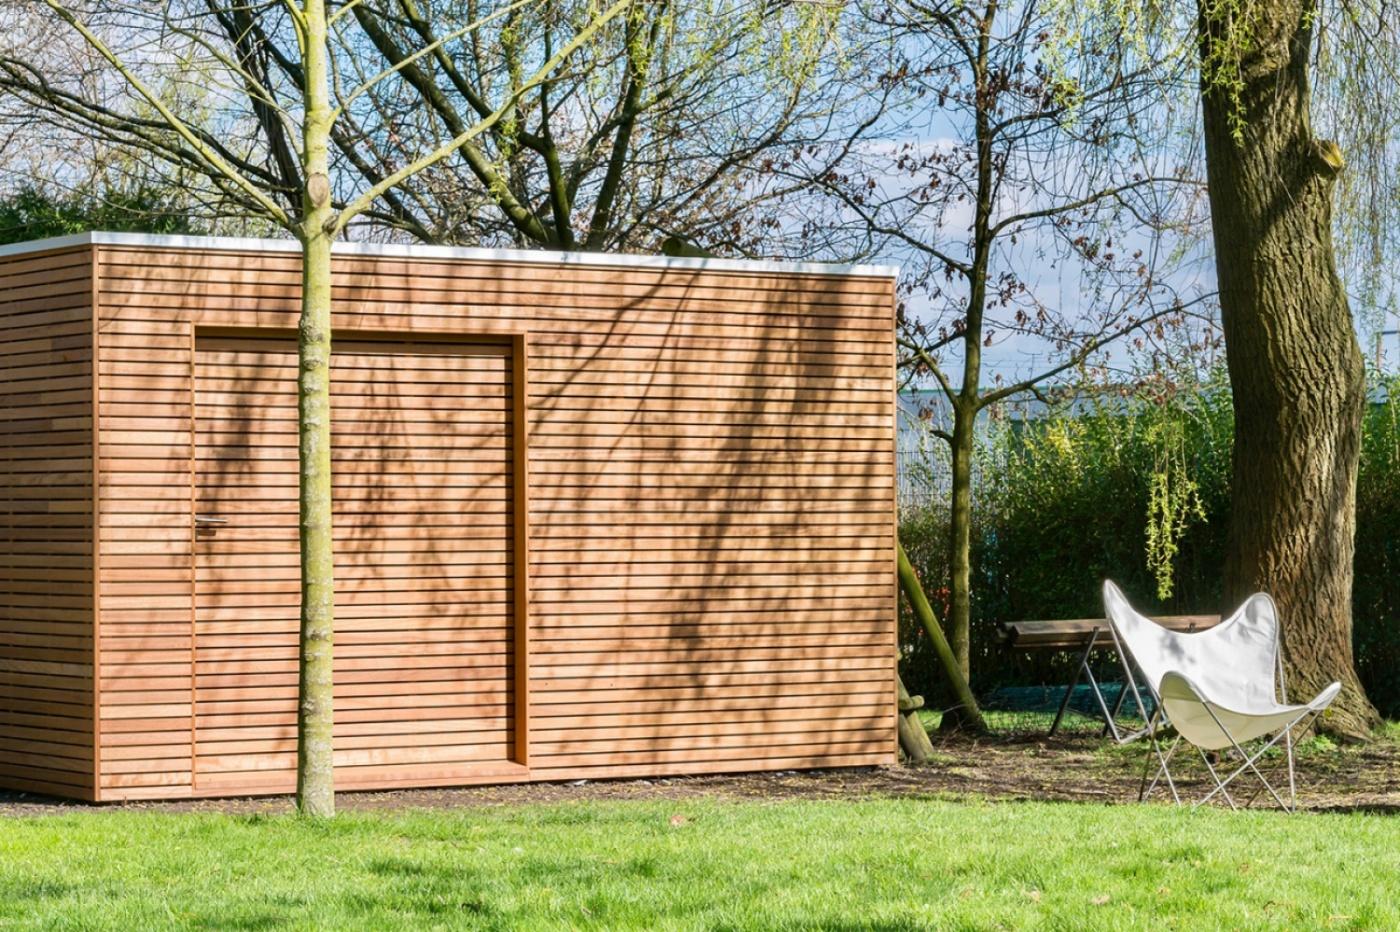 Firenze modern houten tuinhuis | moderne houten tuinhuizen | West-Vlaanderen